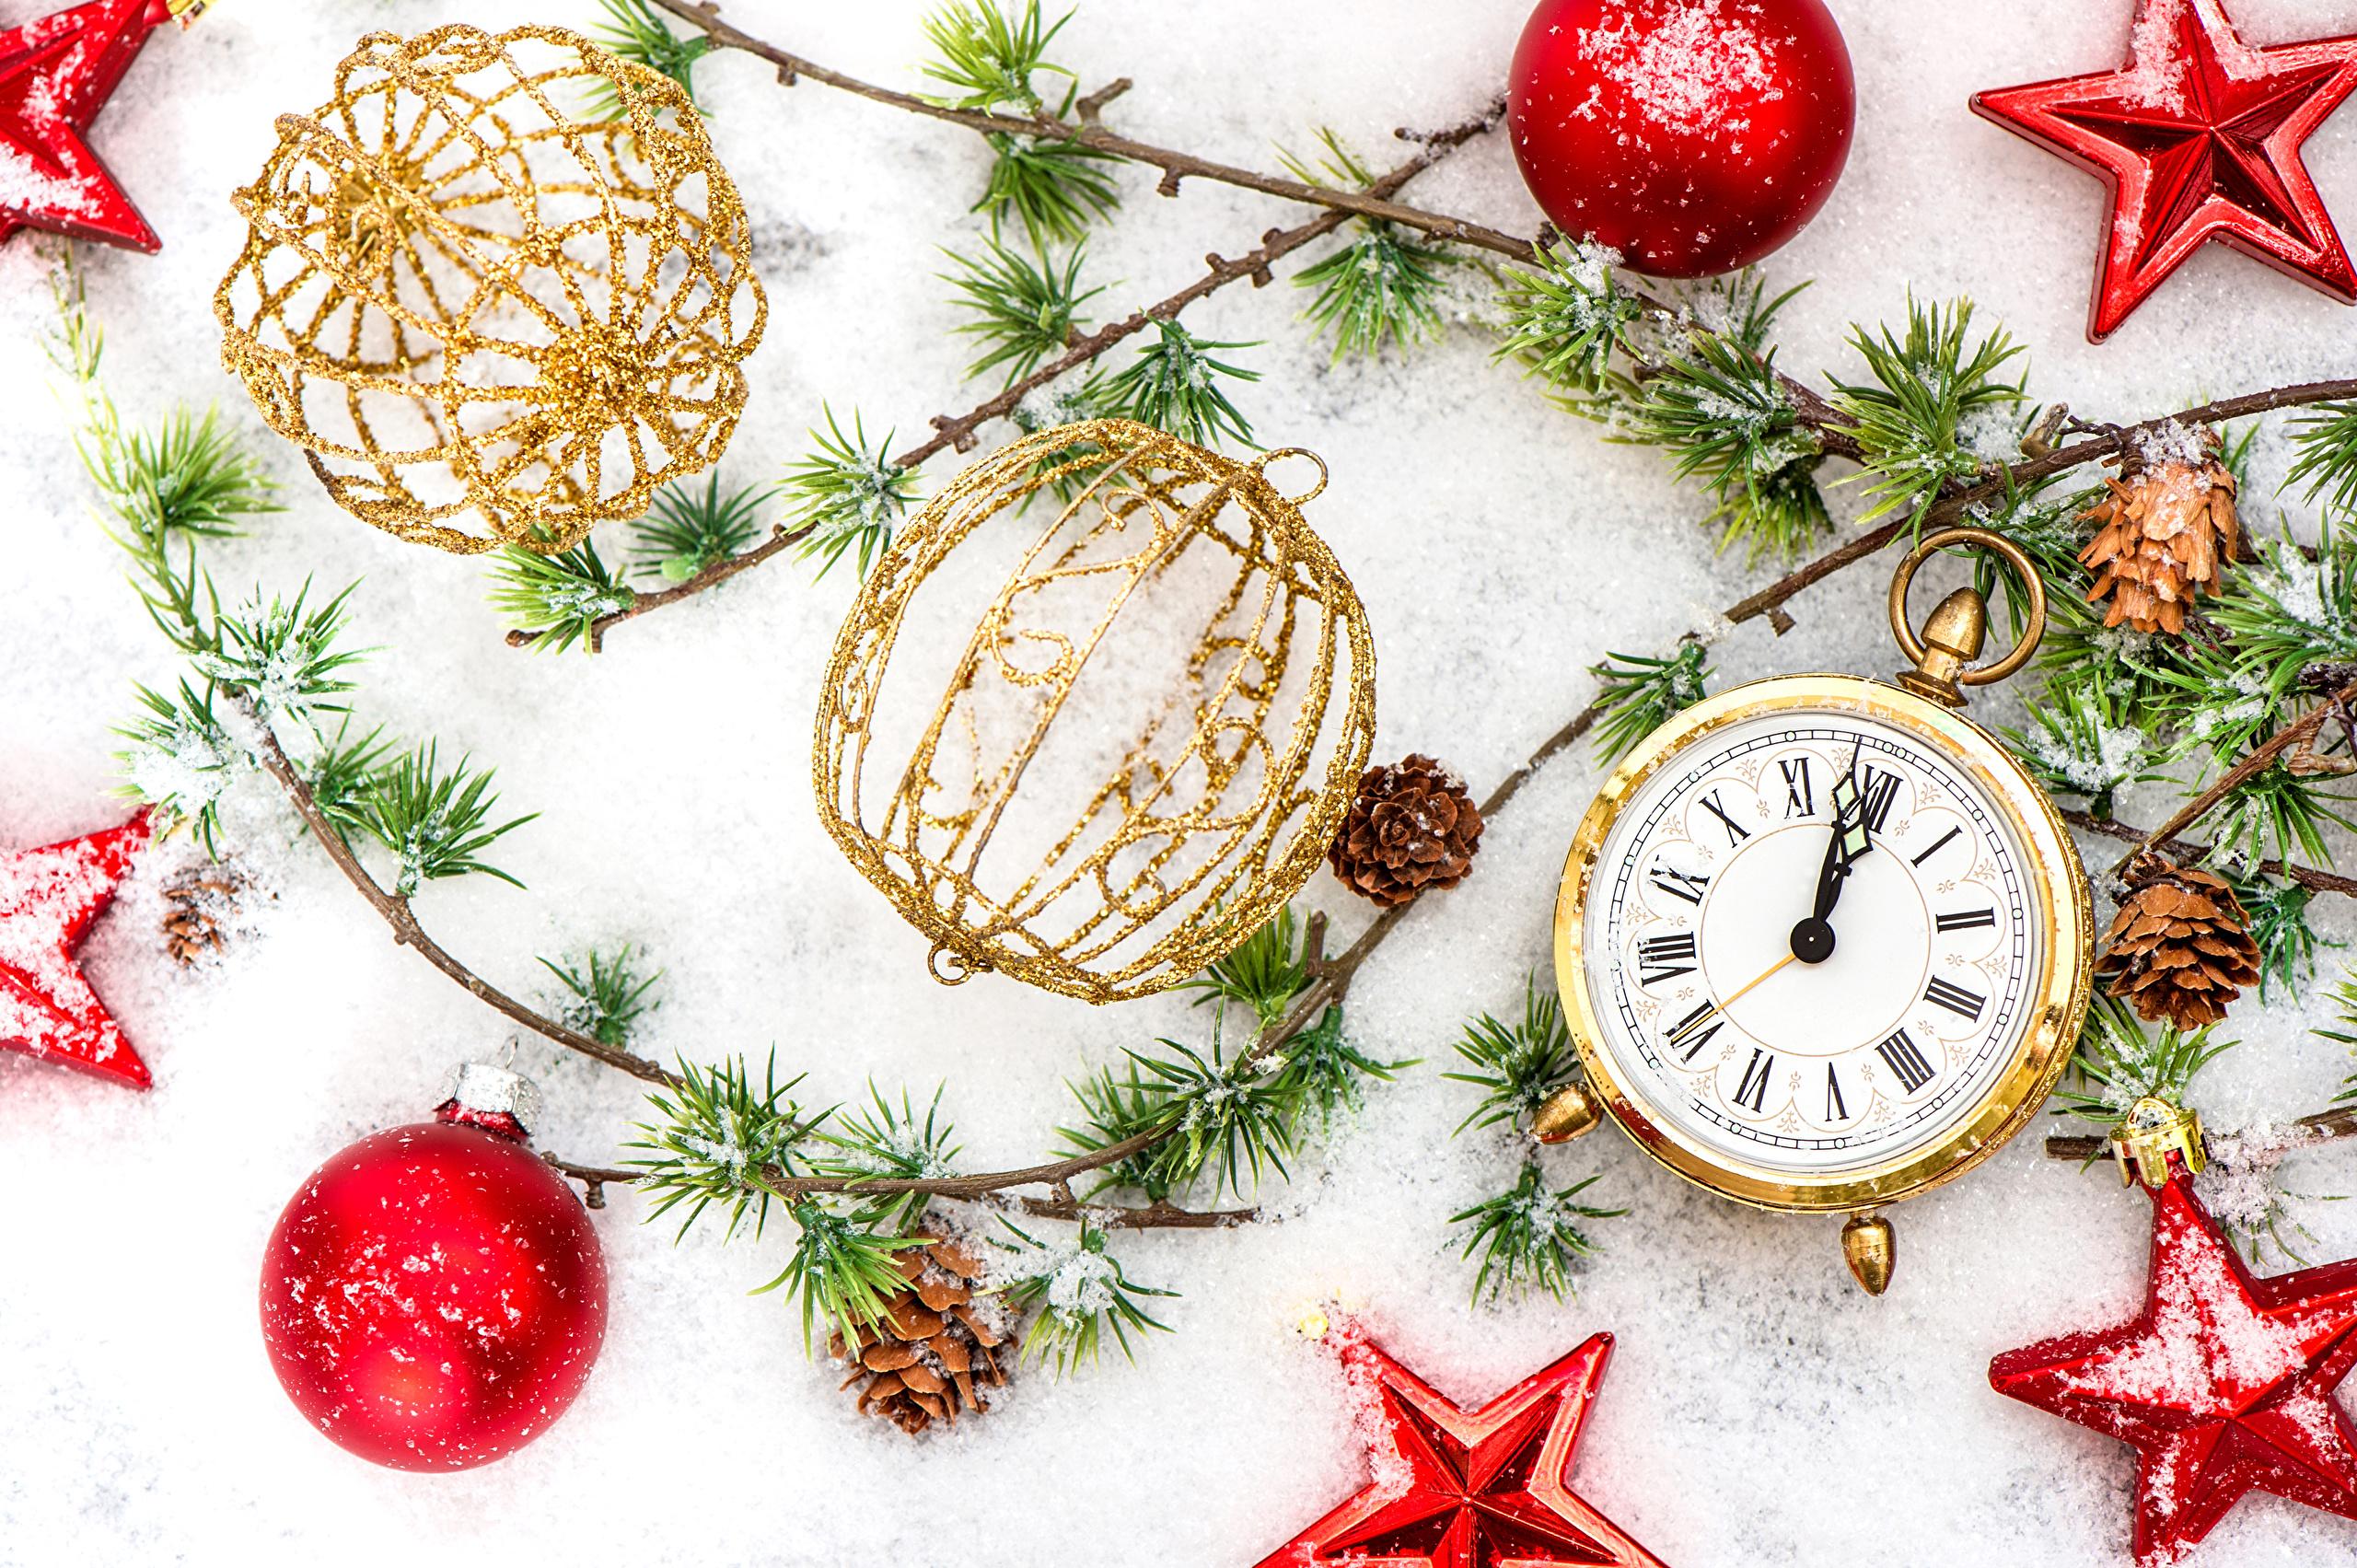 часы игрушки подарки снежинки  № 2647402 без смс